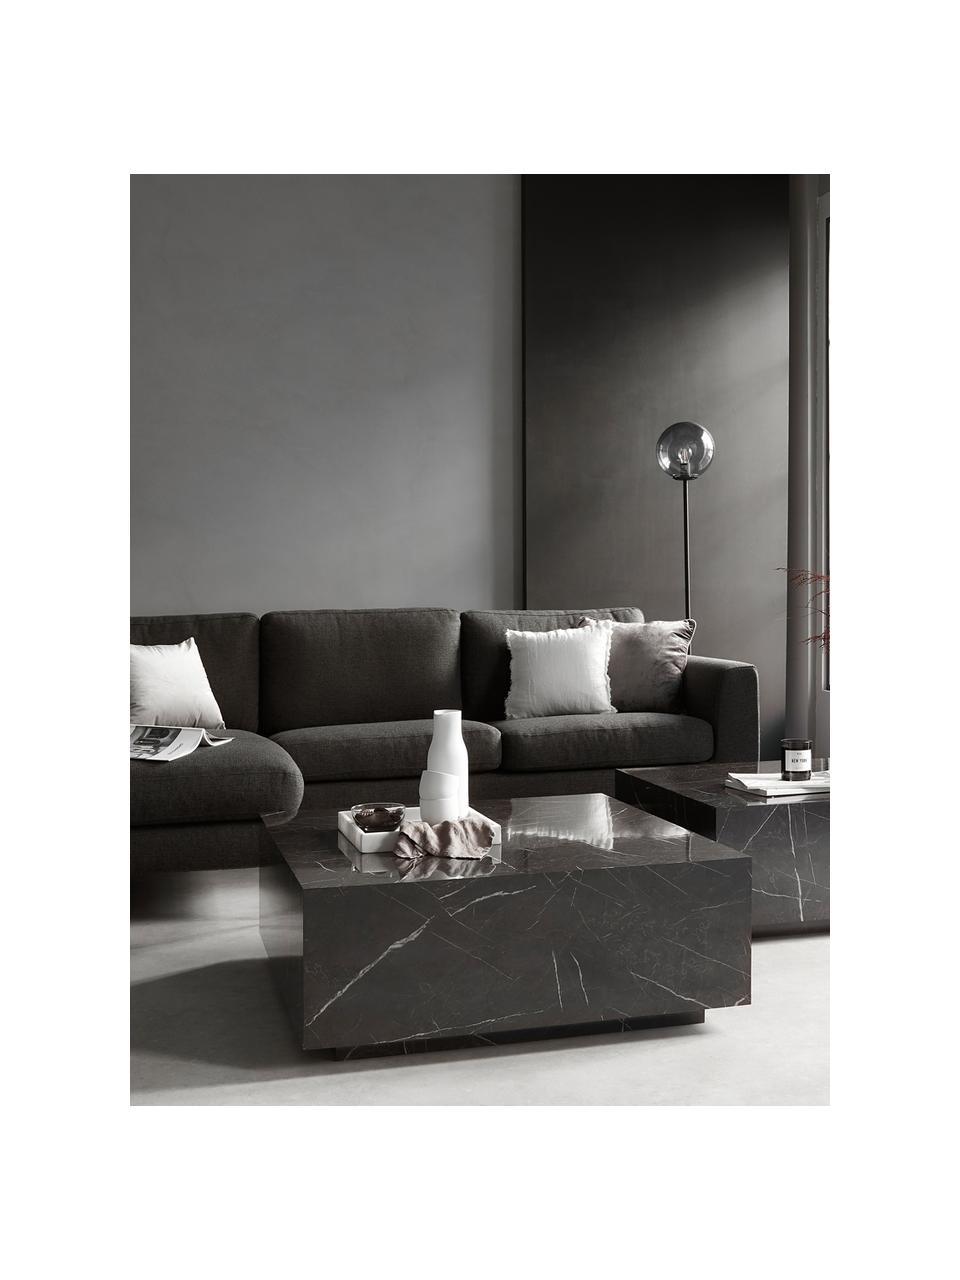 Table basse flottante aspect marbre Lesley, Noir, marbré, brillant